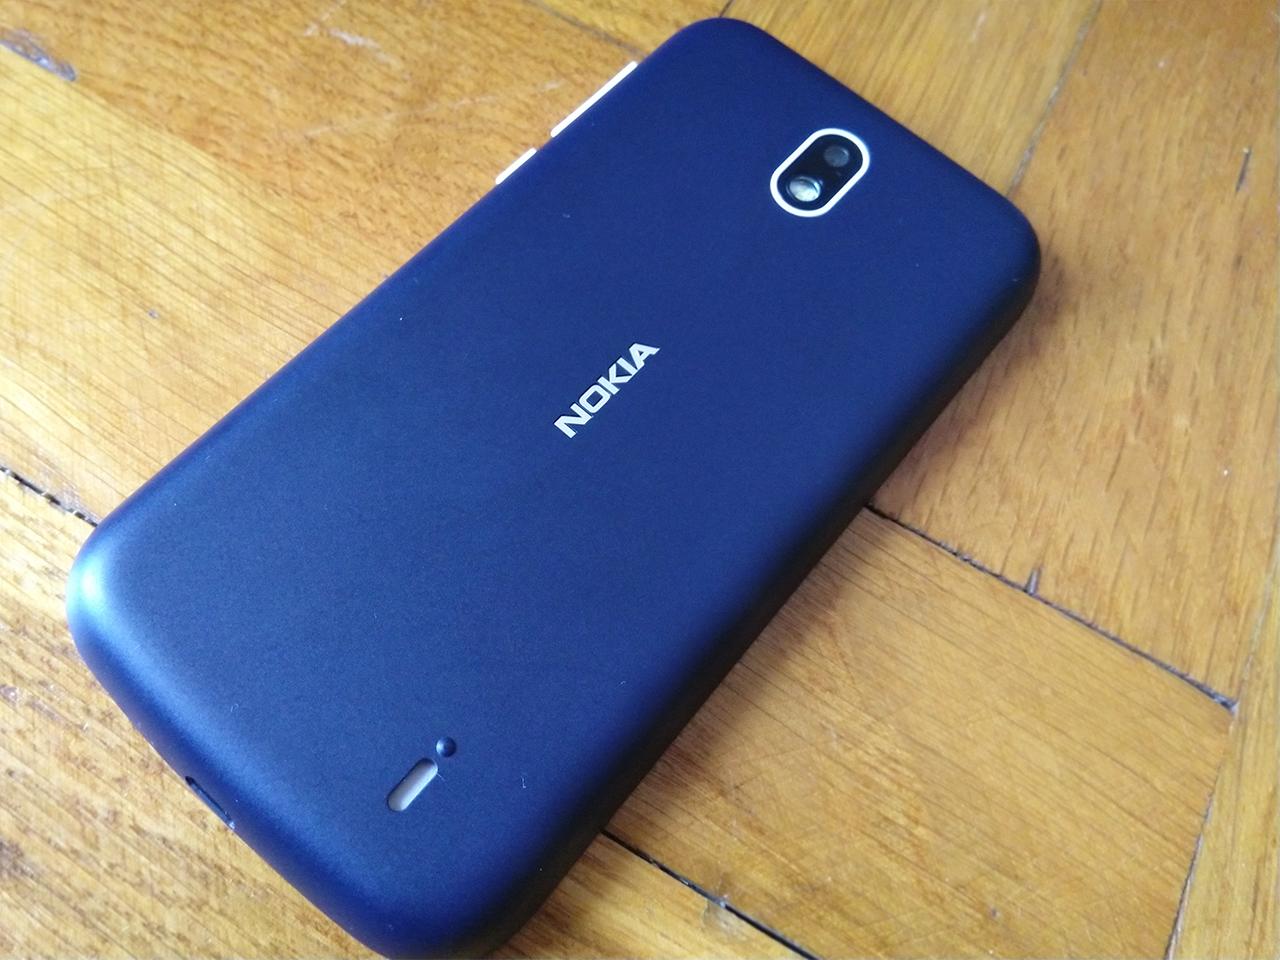 Hata, Nokia 1 sahiplerinin, doğru PIN / Desen olsa bile ekranlarının kilidini açmasını önler 1